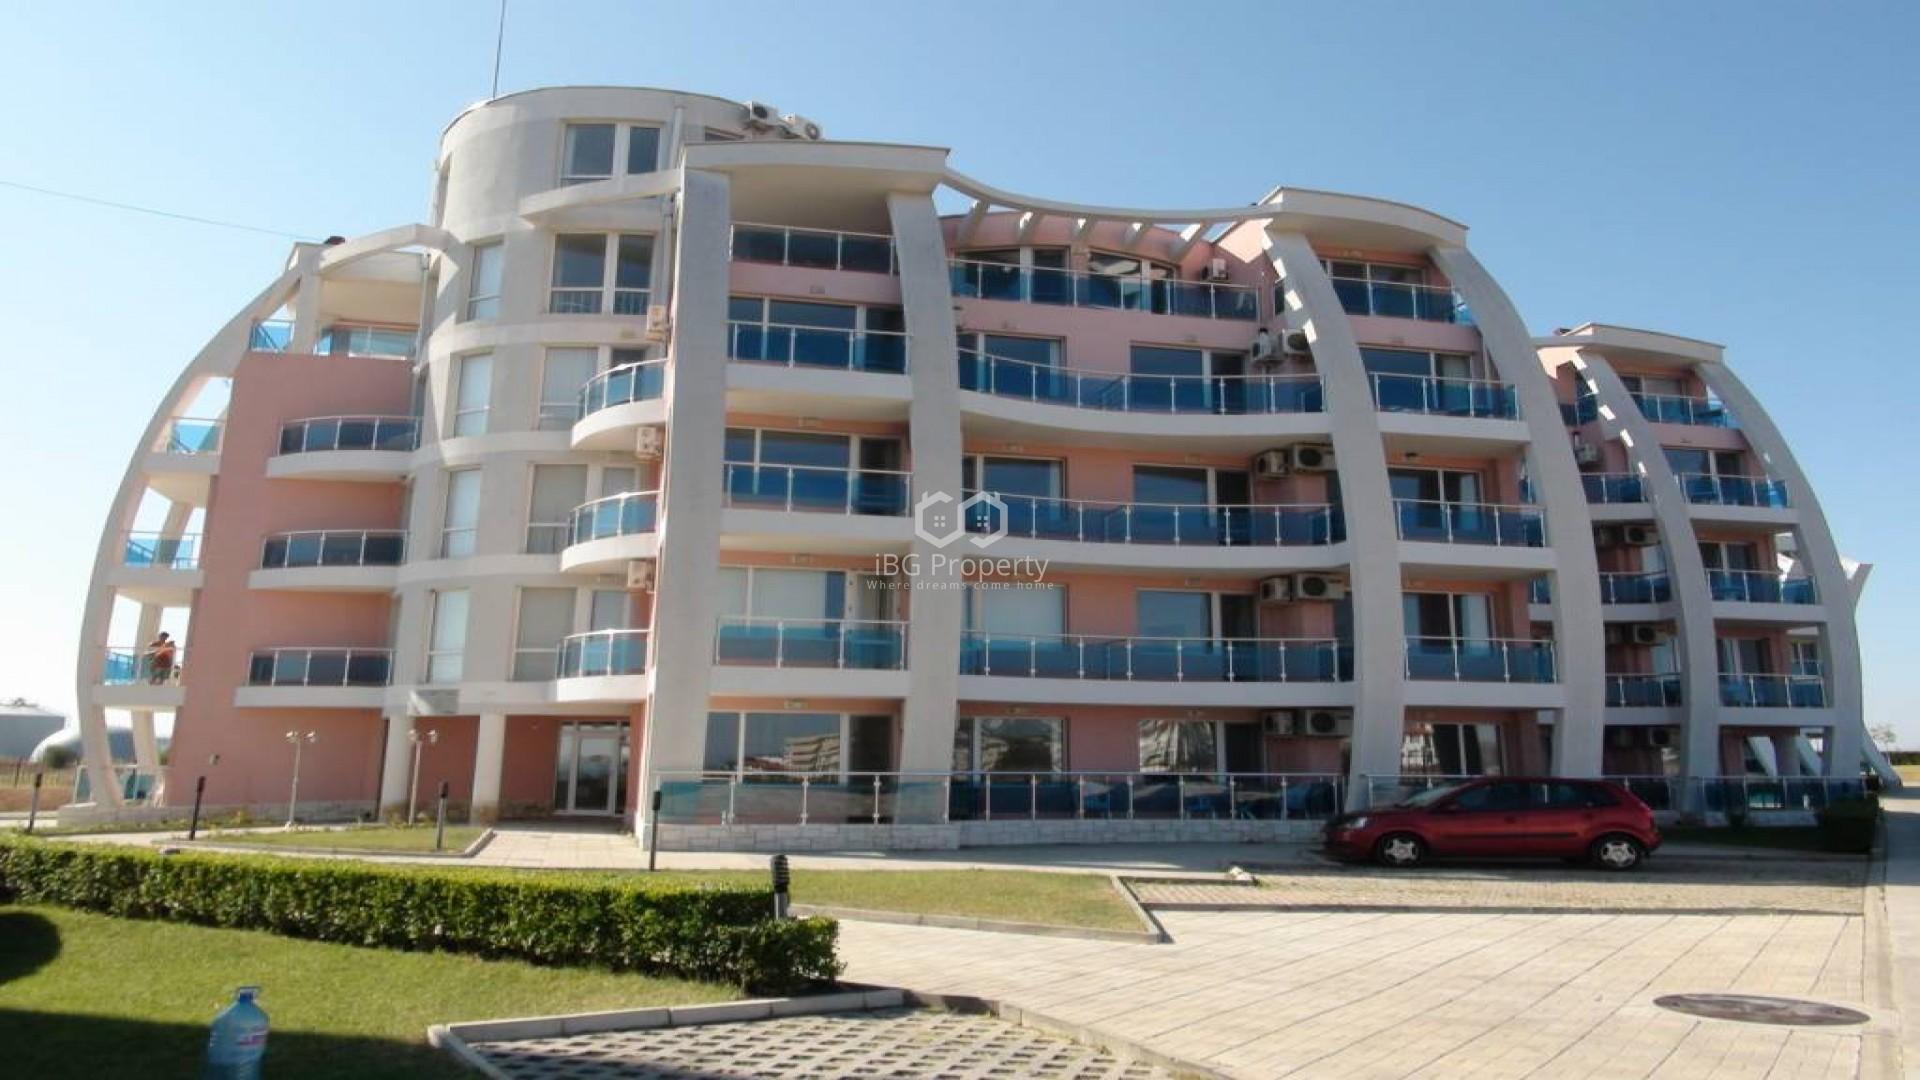 Zweizimmerwohnung in Aheloy 71 m2